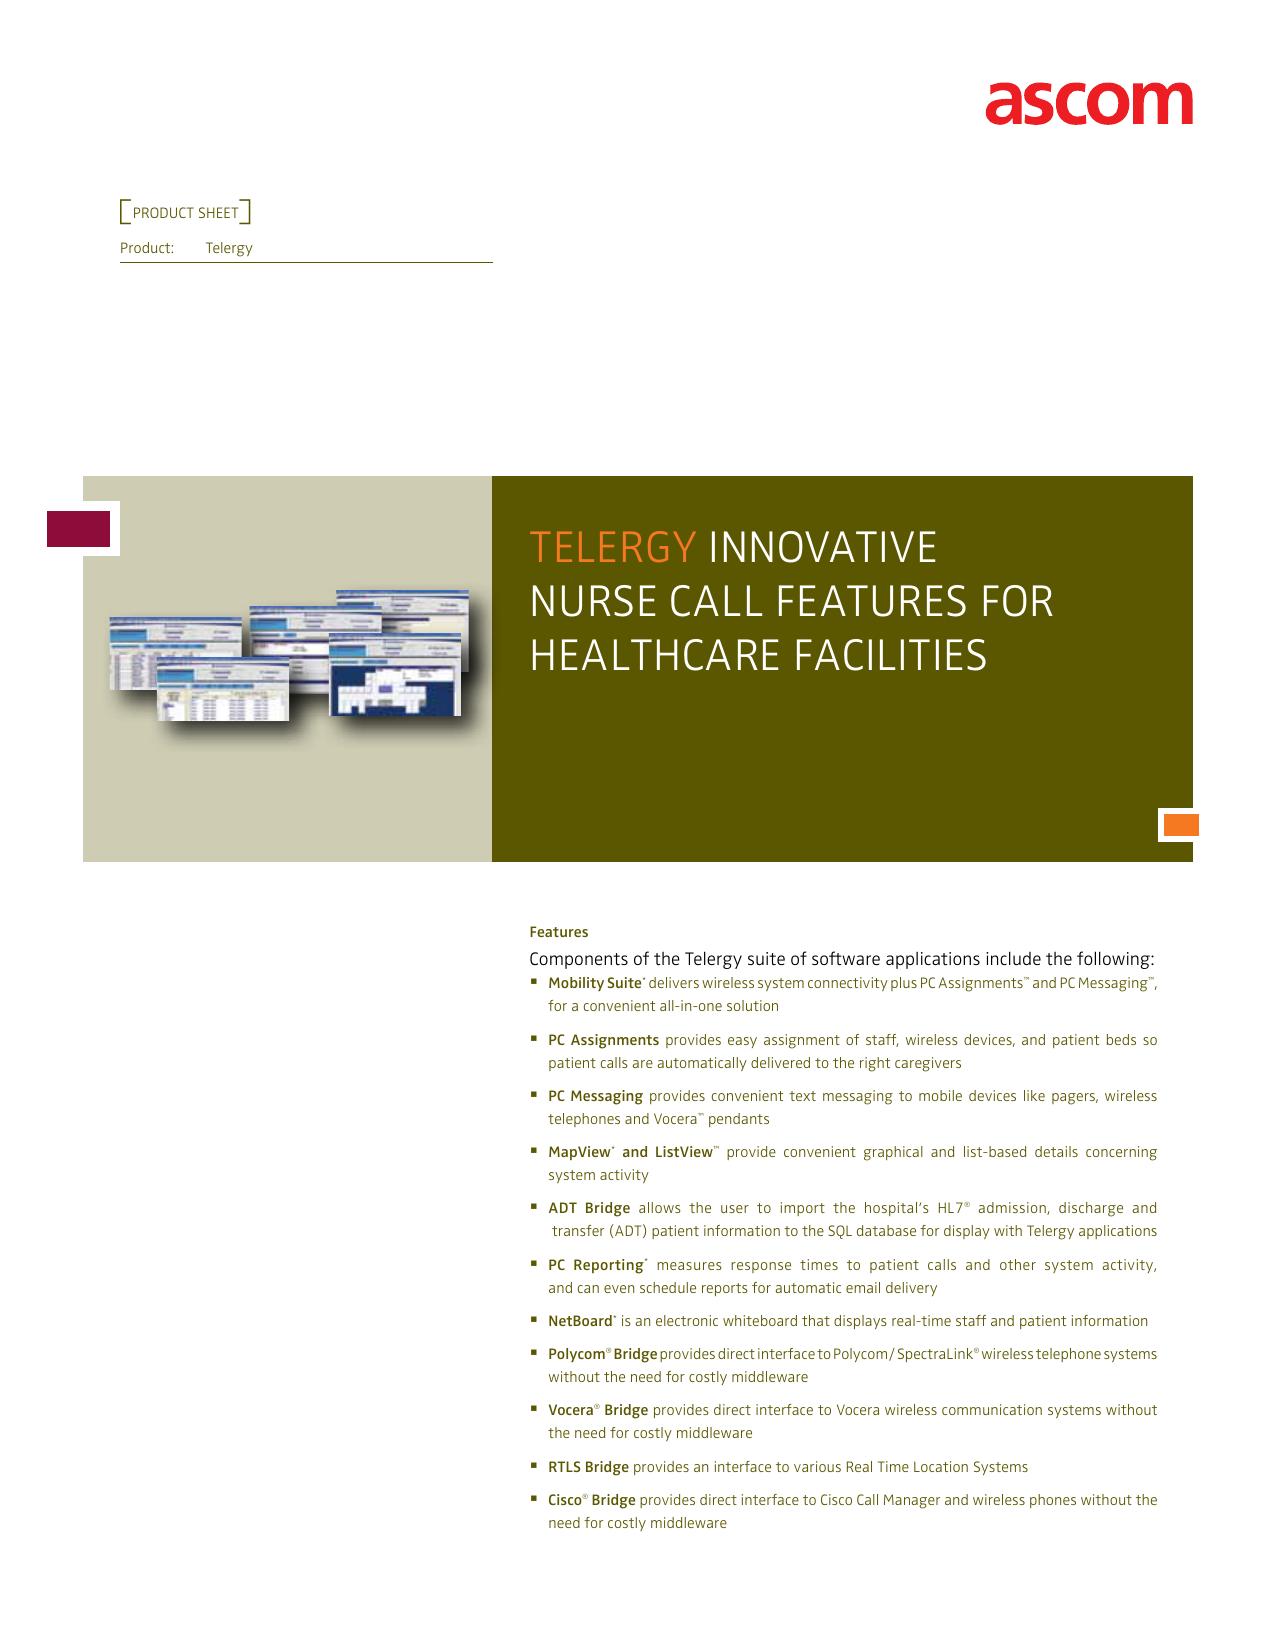 tElErgy InnovatIvE nurSE call fEaturES for HEaltHcarE